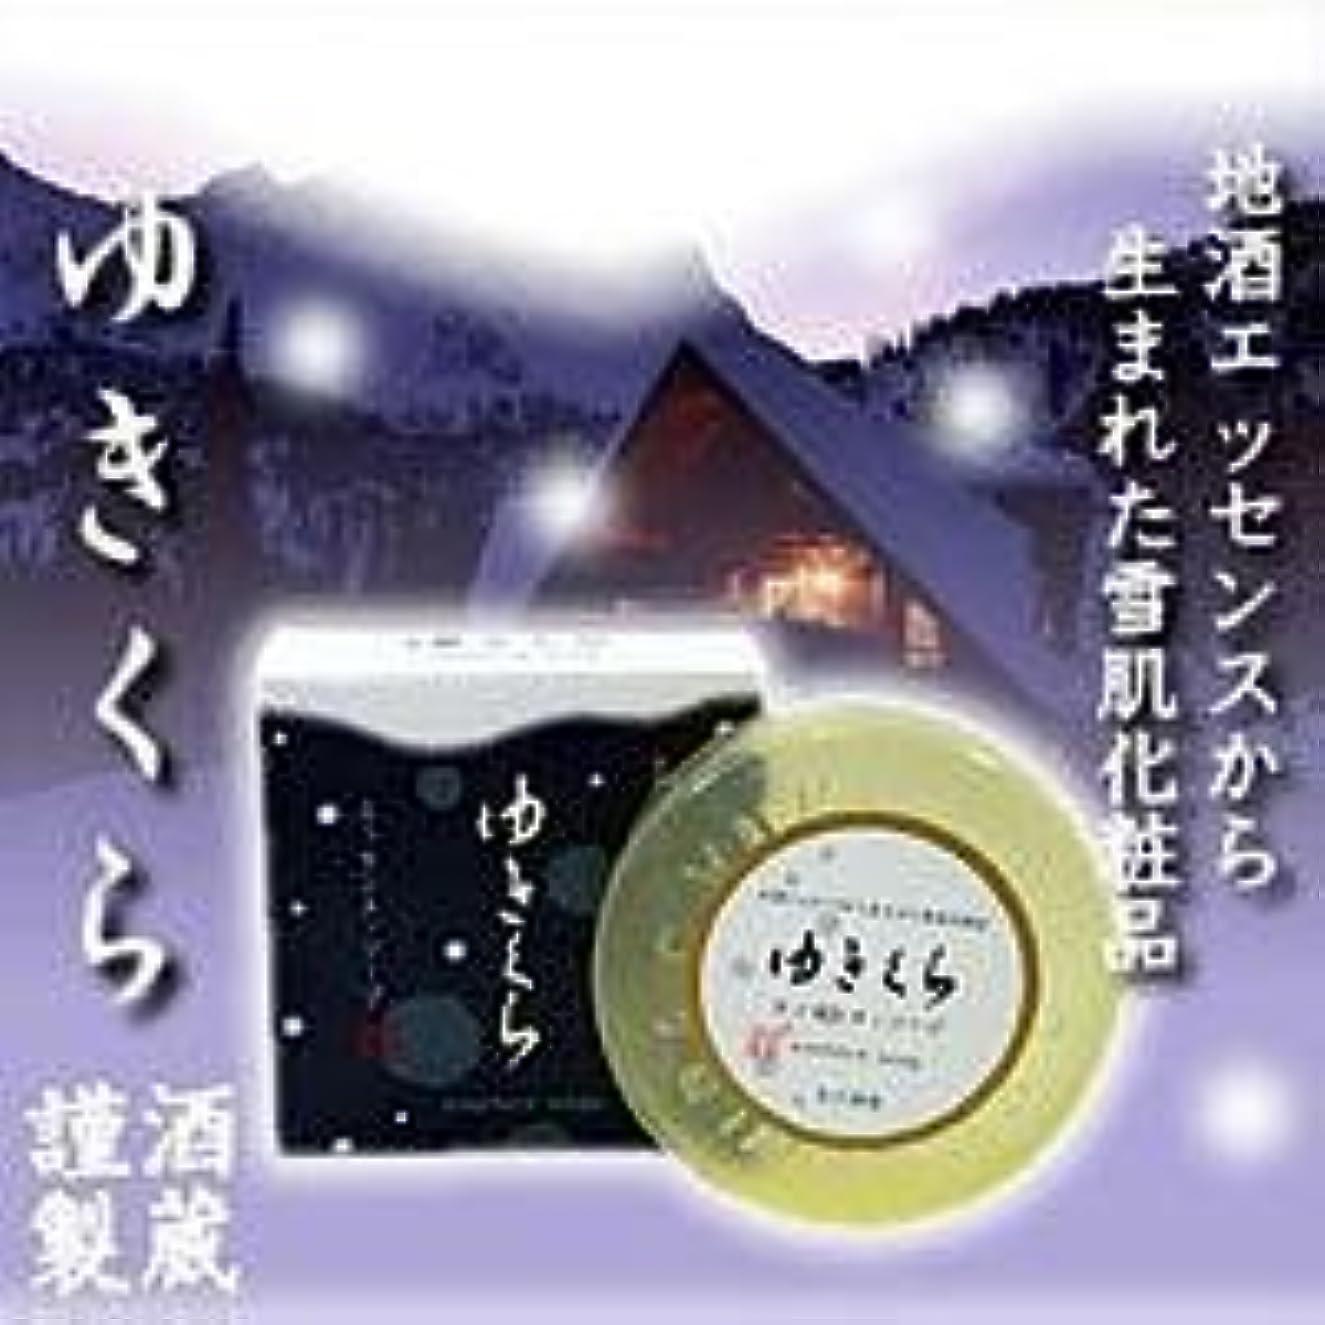 ファンギター大臣ゆきくら透明石鹸 エッセンスソープ90g